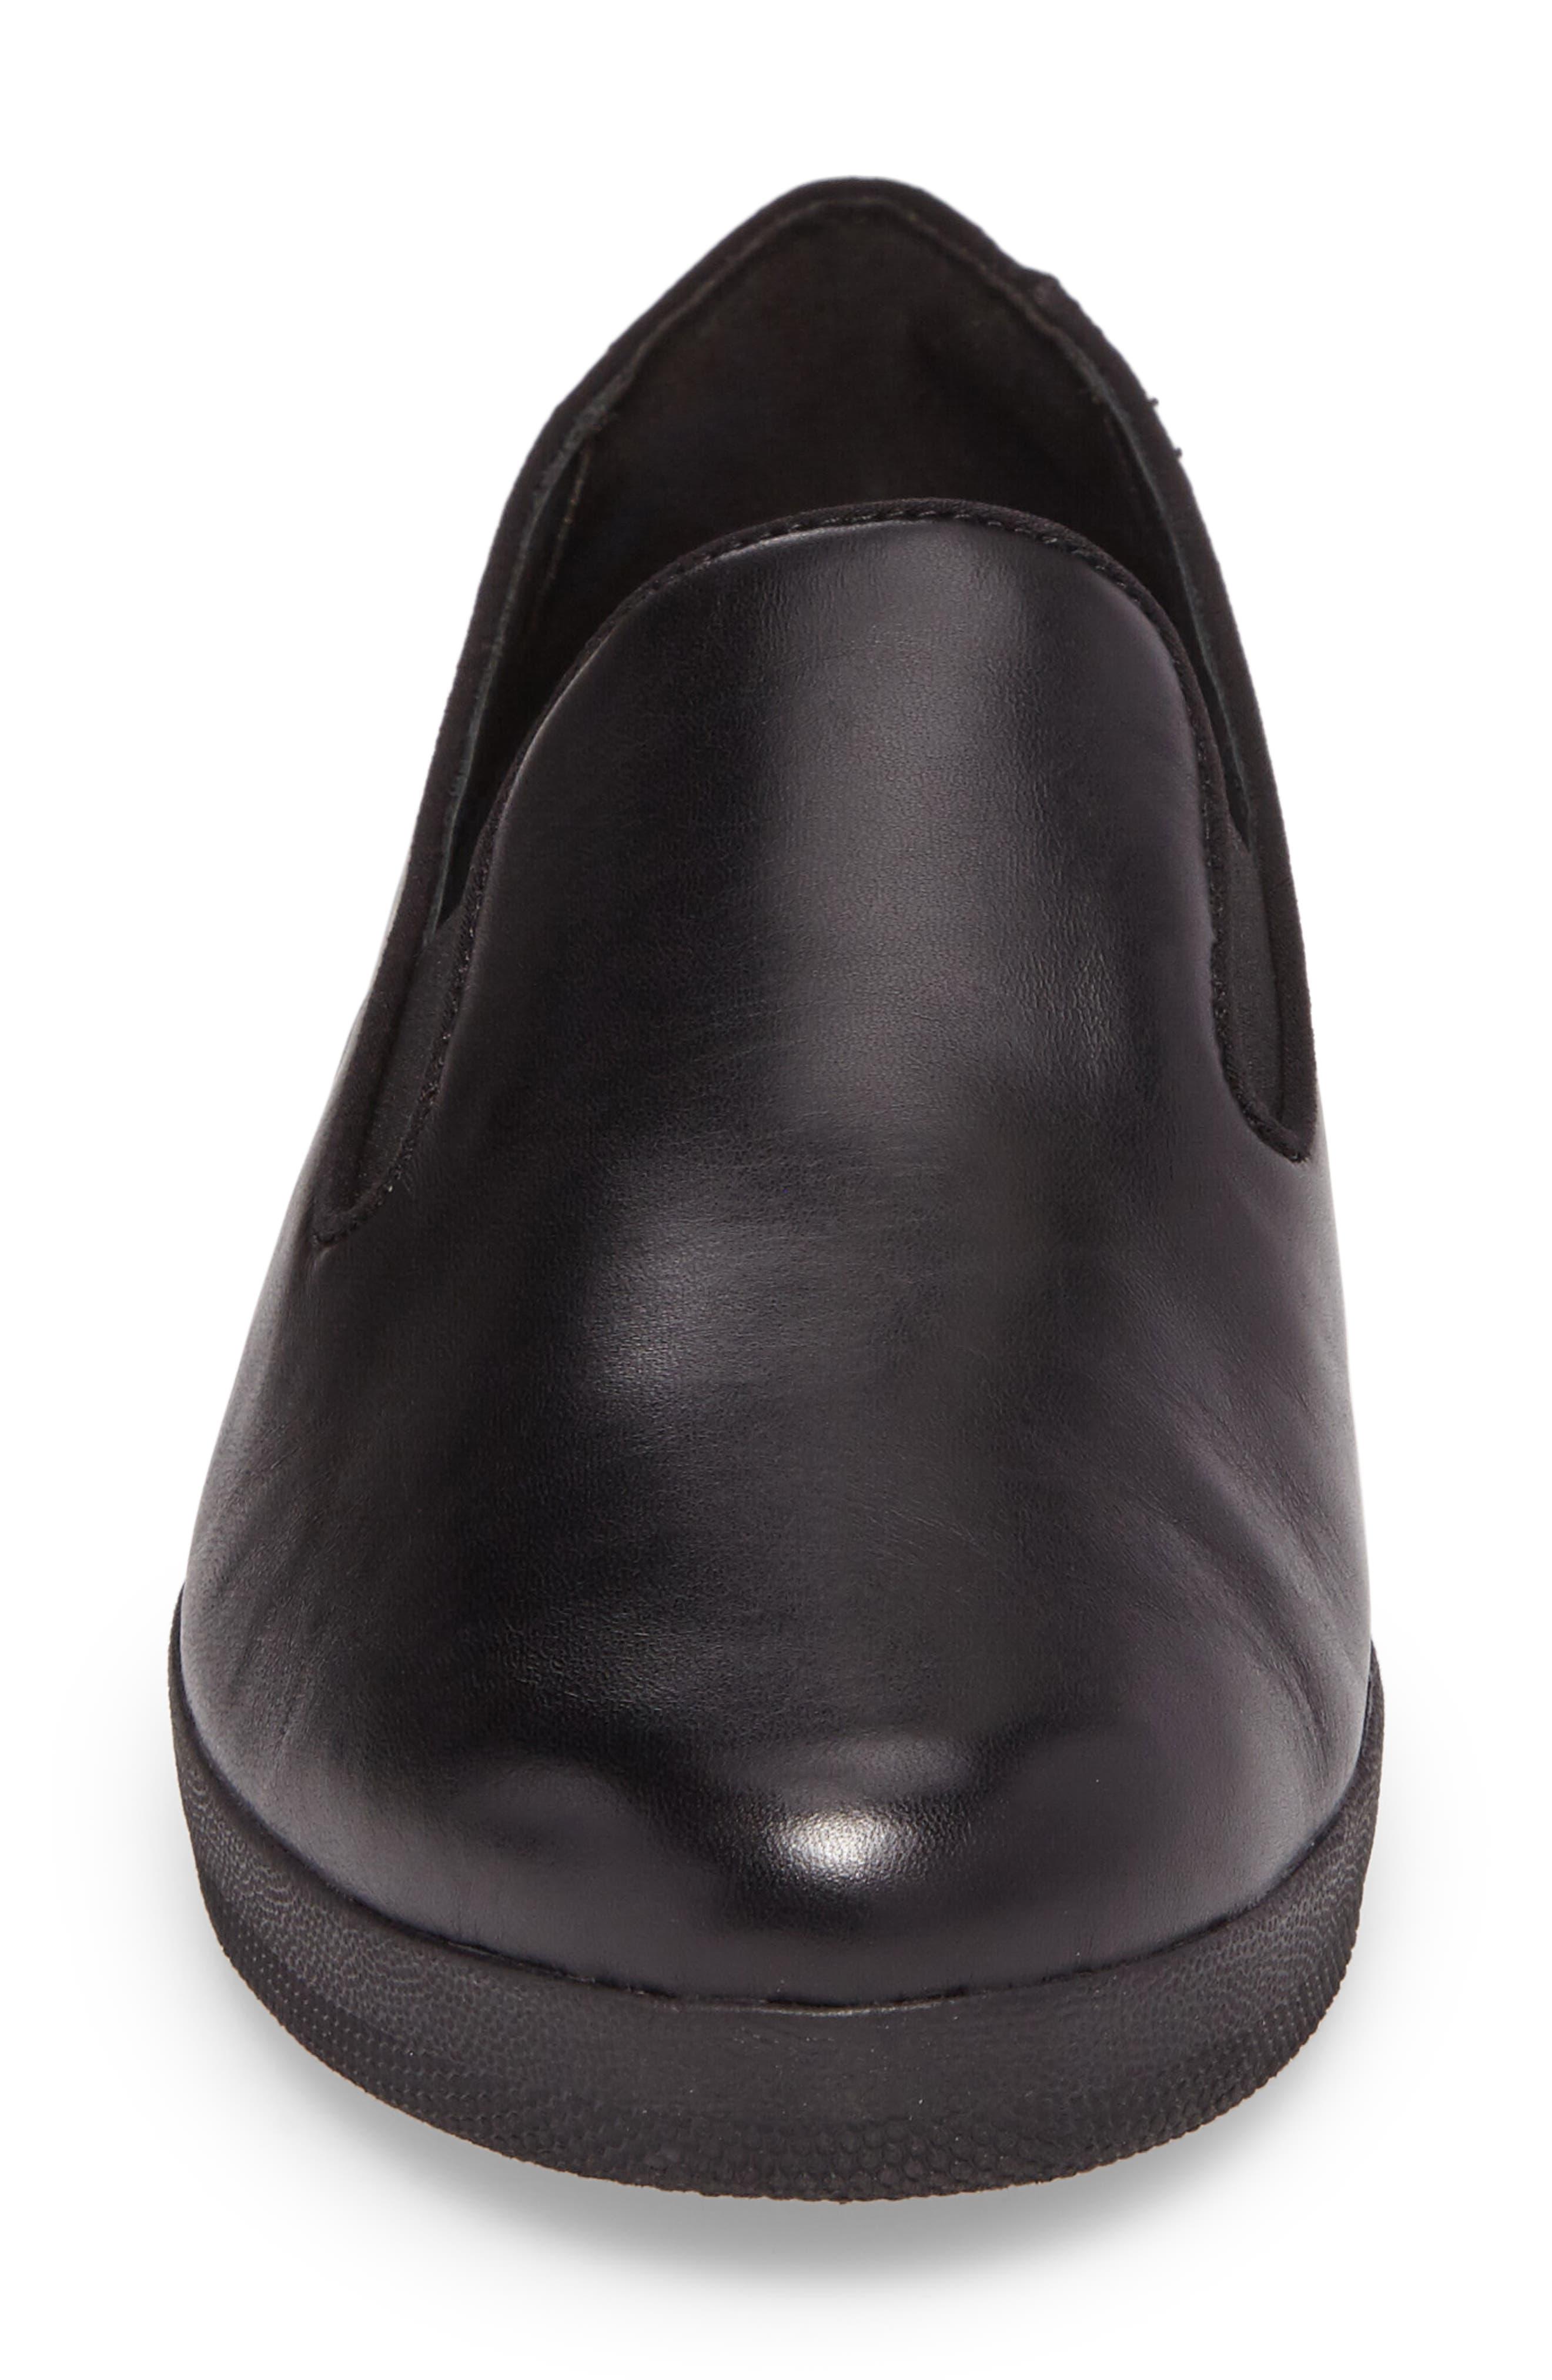 Superskate Slip-On Sneaker,                             Alternate thumbnail 4, color,                             004